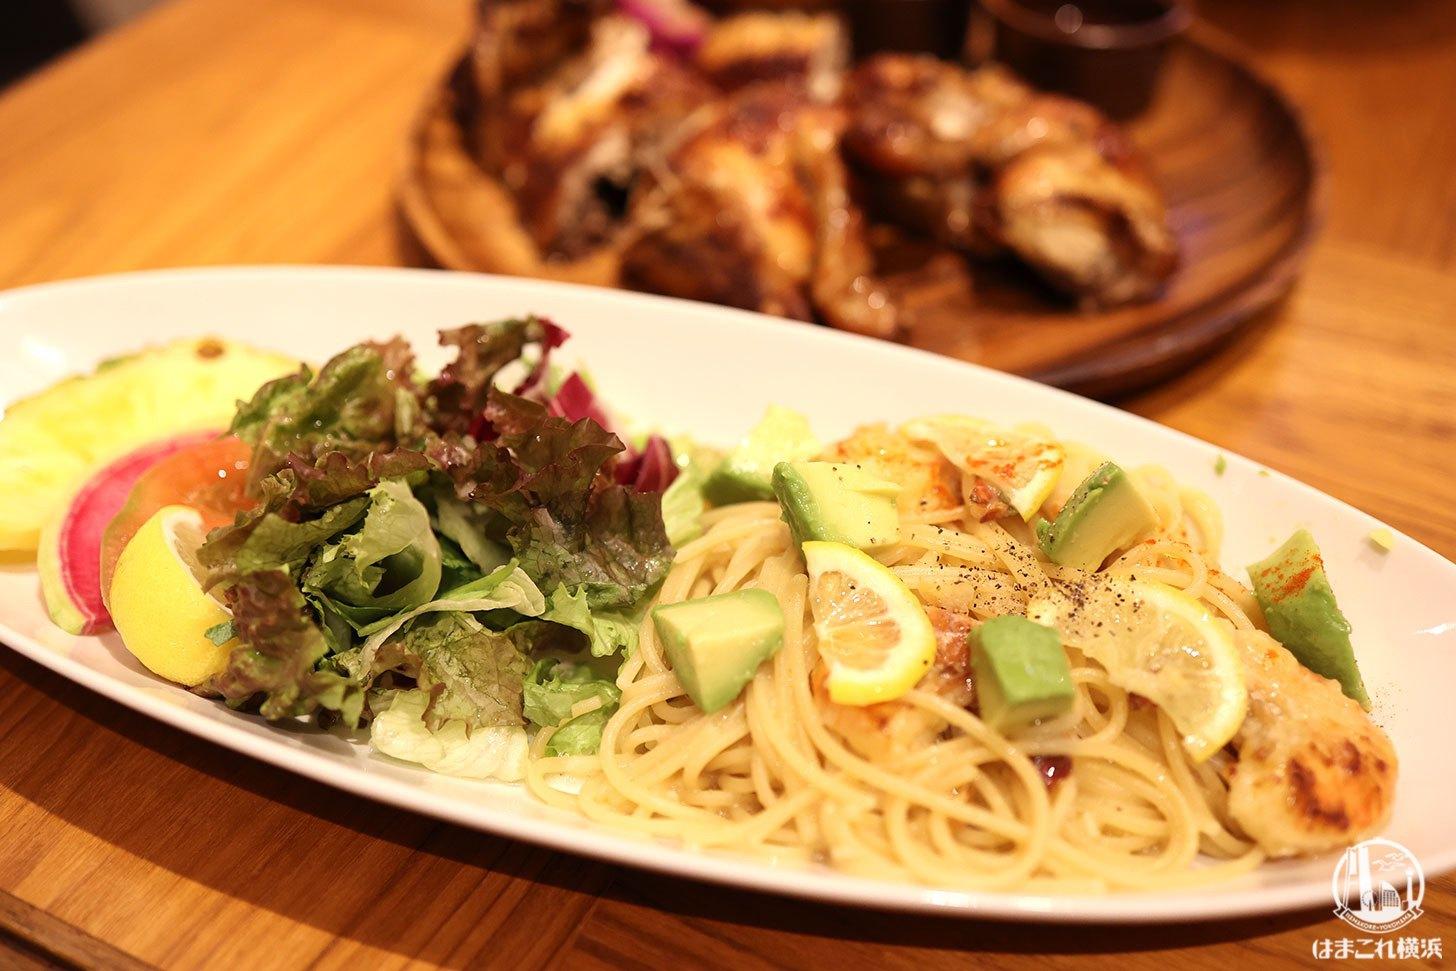 ラオハナ「塩レモンパスタ」初体験で完全トリコ!横浜・本牧のハワイアンレストラン